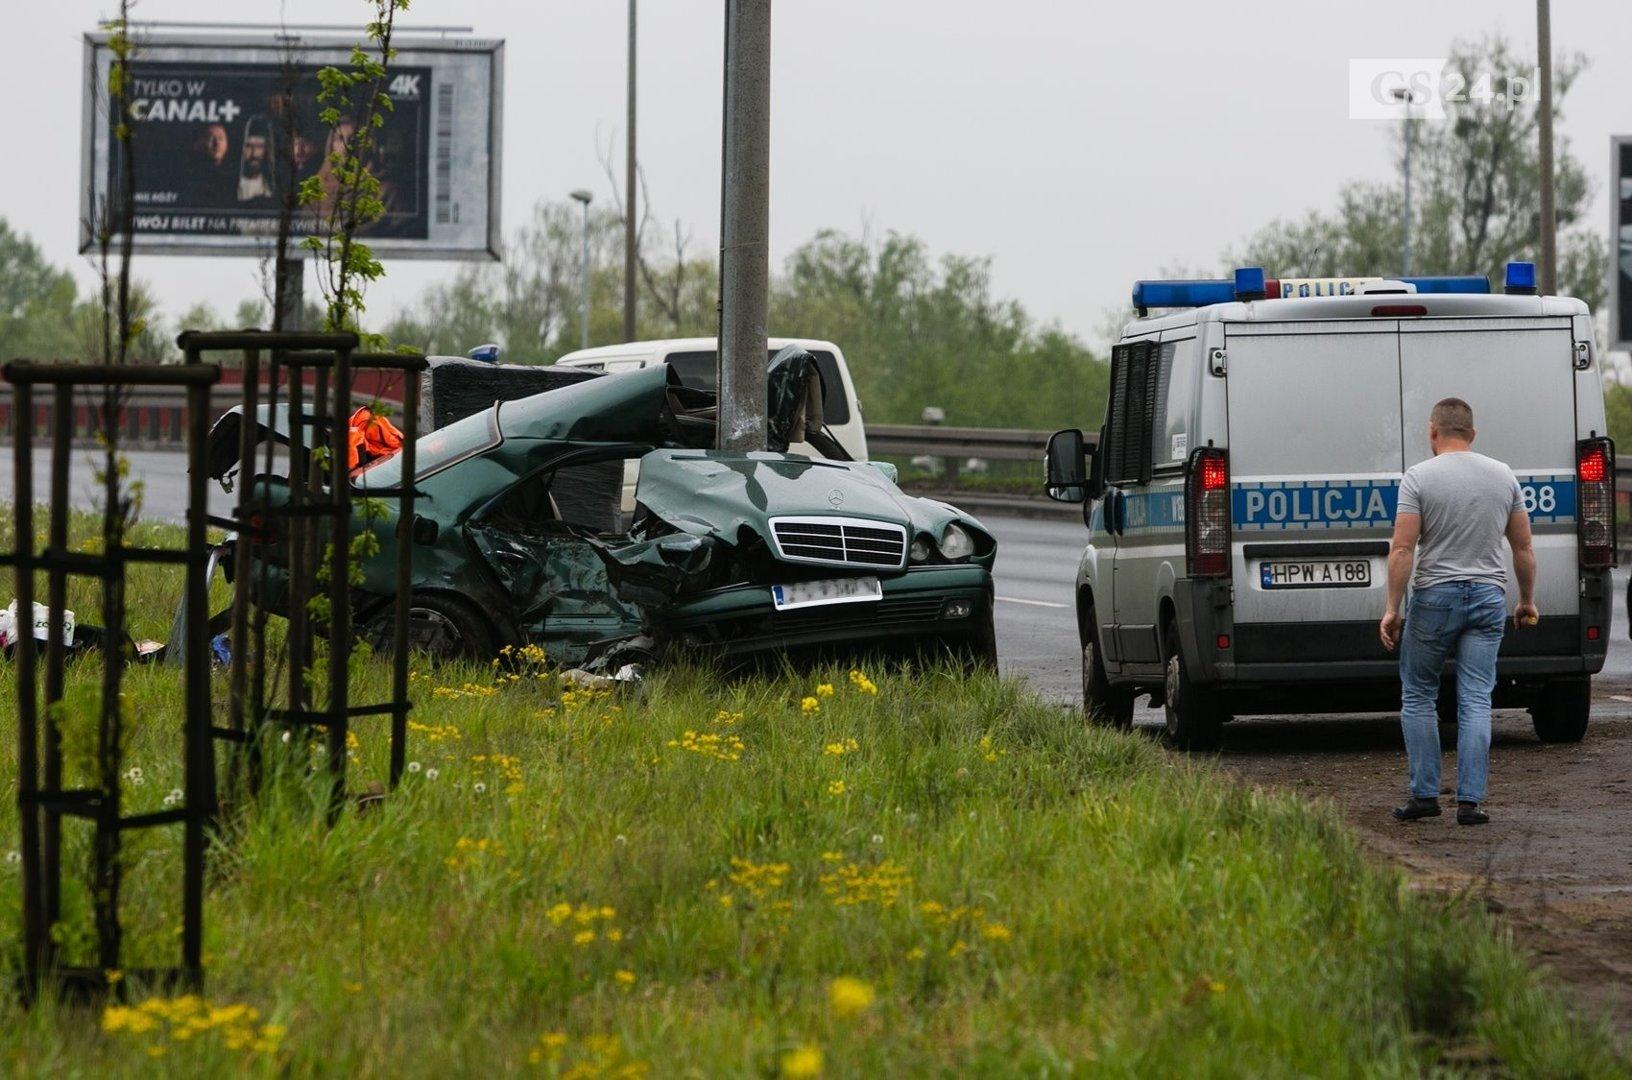 Bardzo dobra Tragiczny wypadek na Basenie Górniczym w Szczecinie. Nie żyje 63 IG26